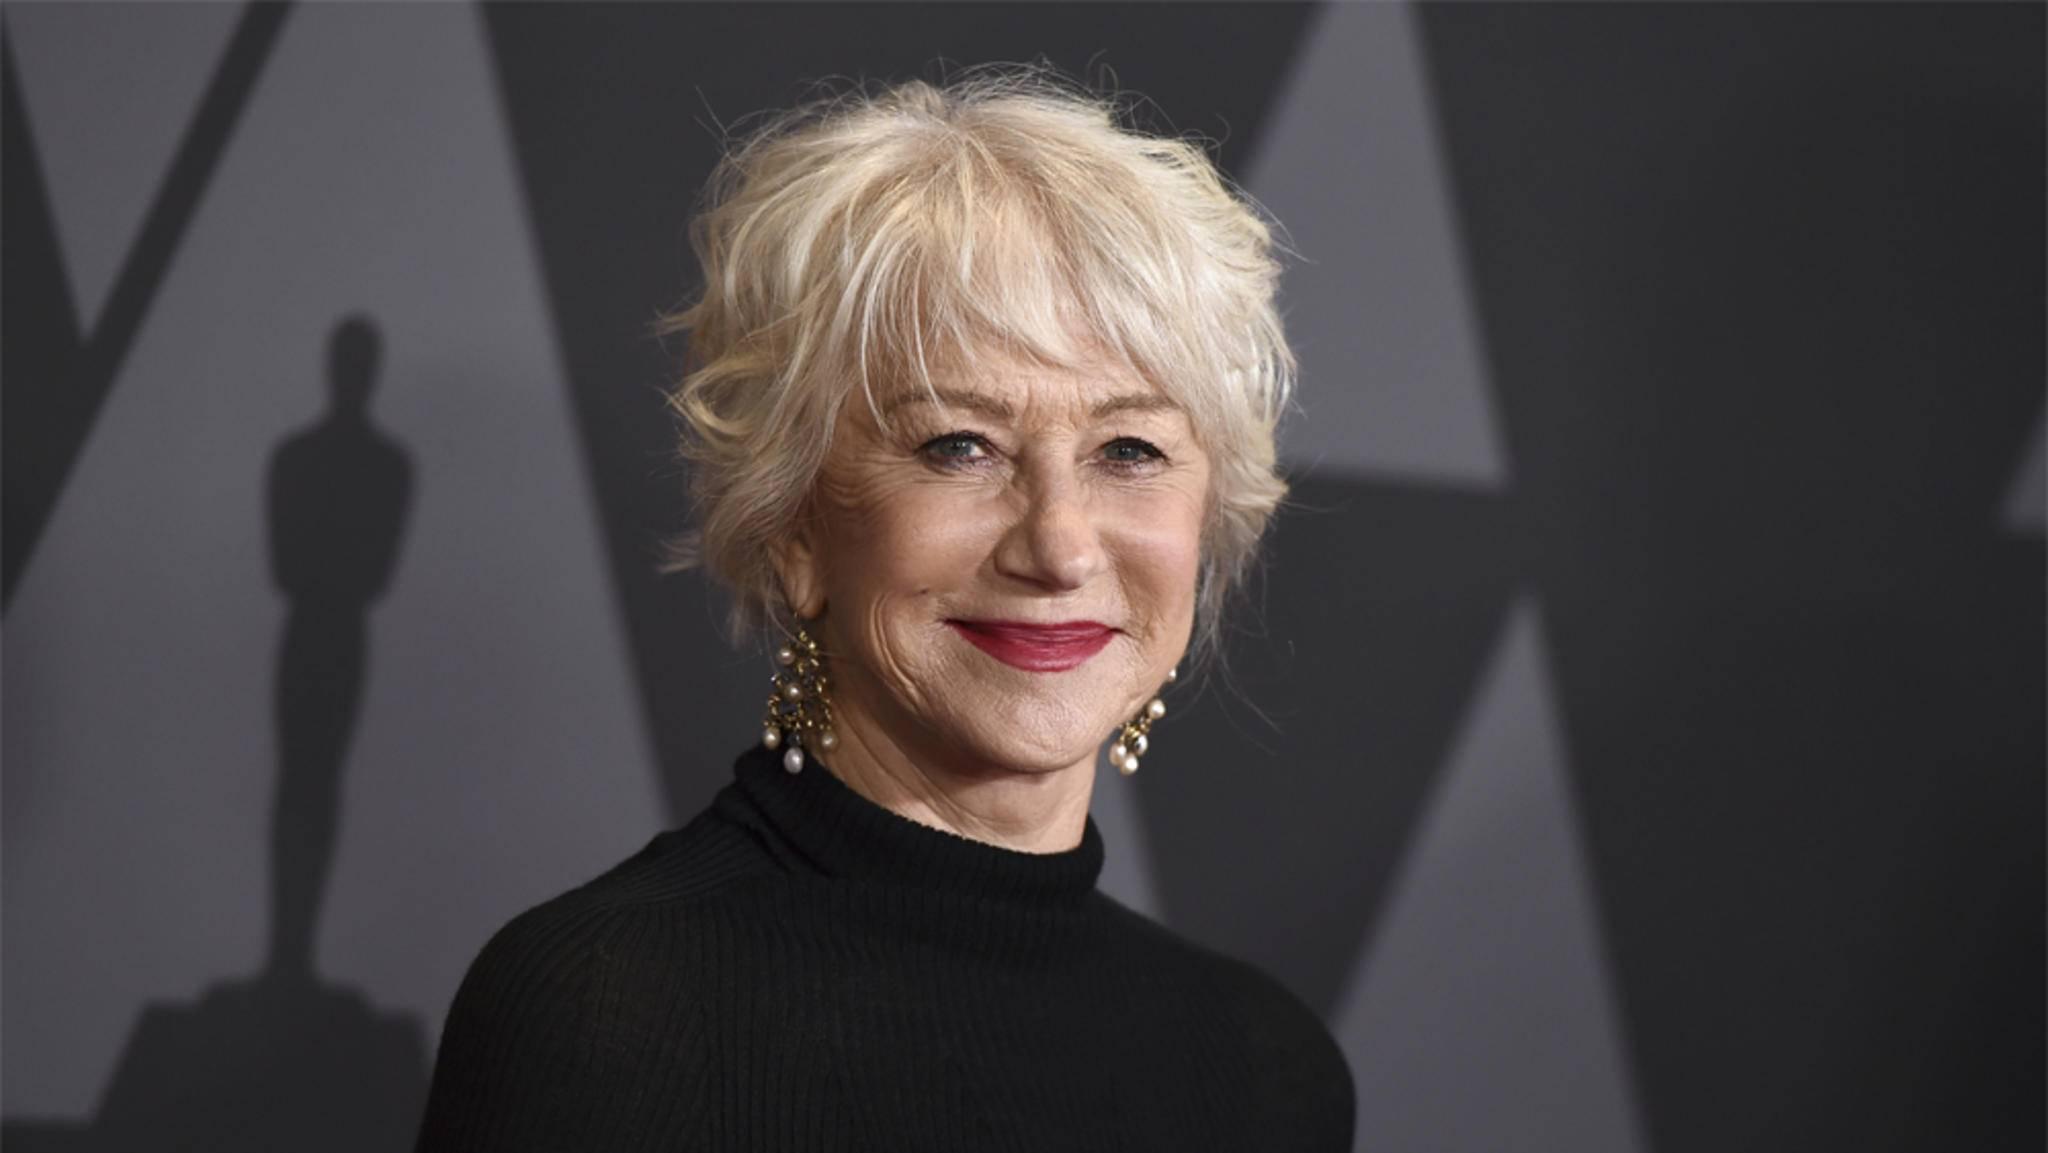 Helen Mirren scheut sich nicht davor, auch kontroverse Charaktere zu spielen.